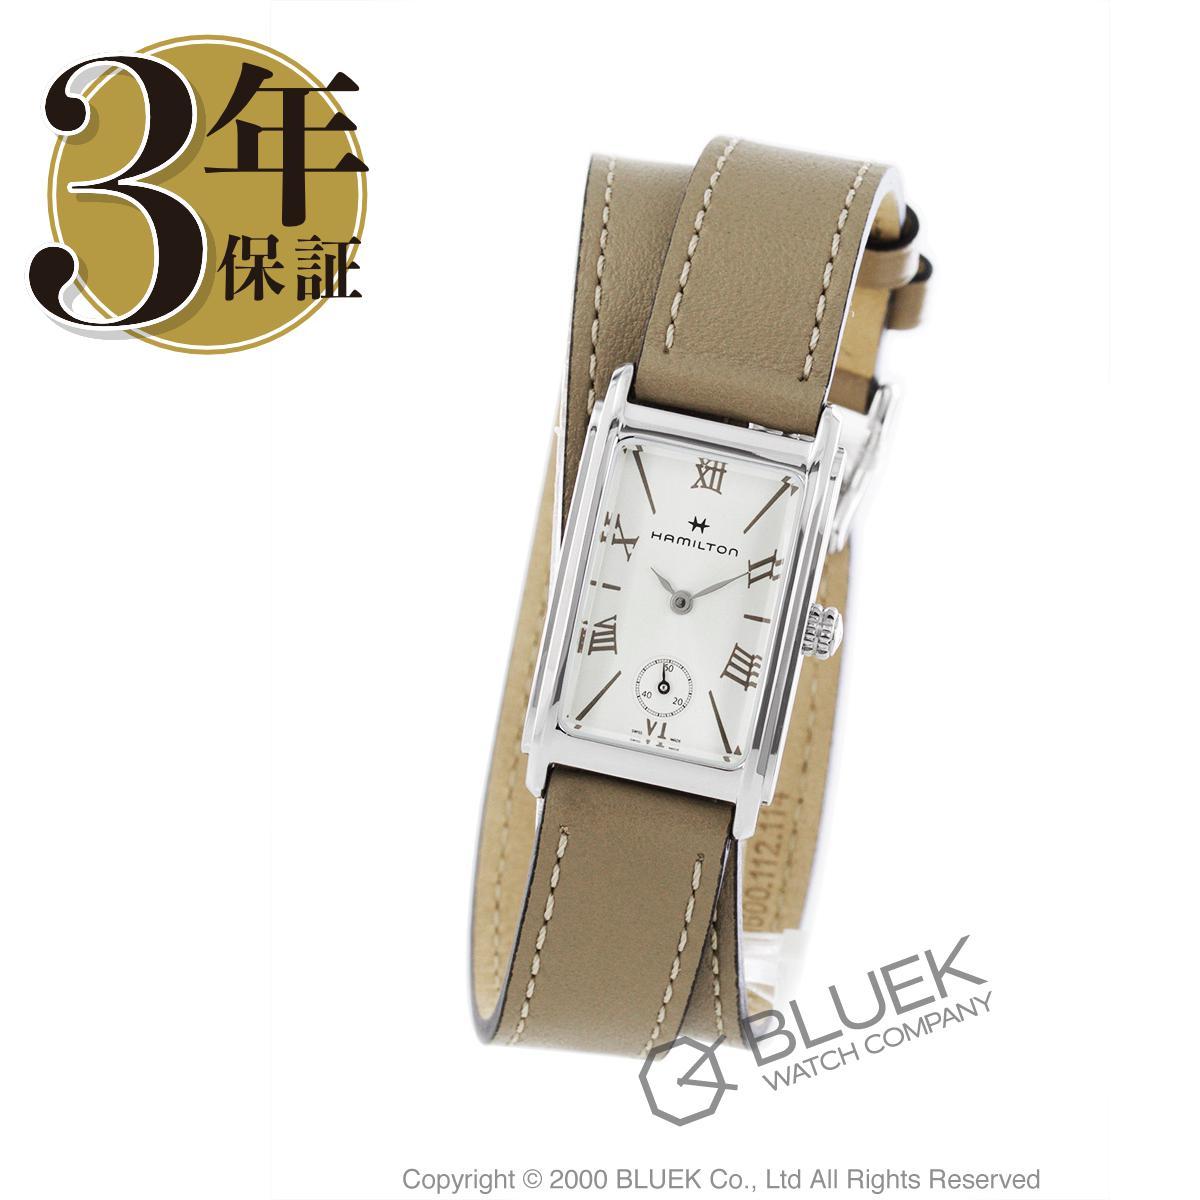 ハミルトン アードモア 腕時計 レディース HAMILTON H11221914_3